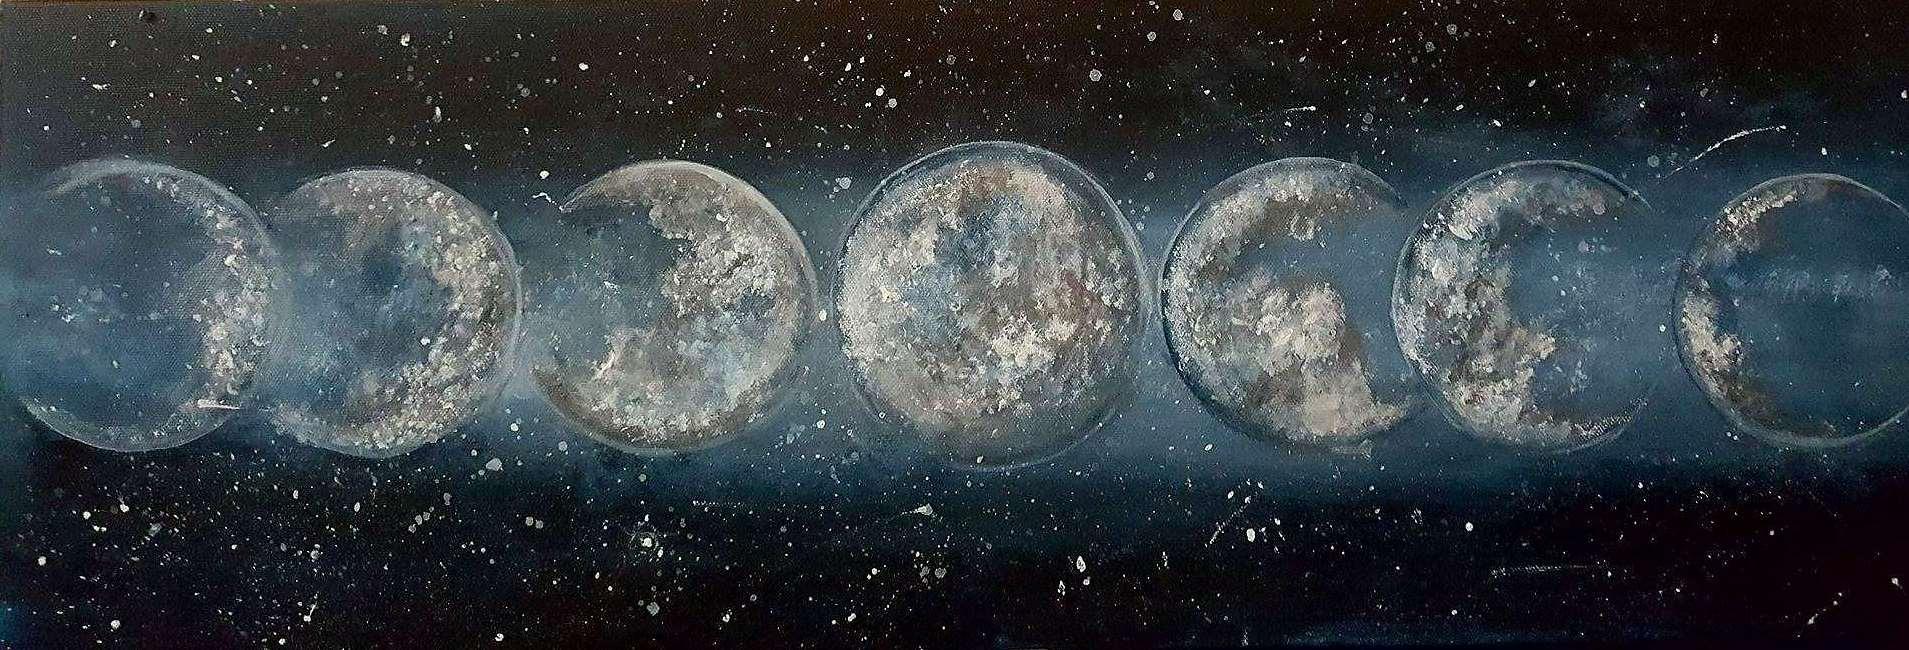 Moondancing - 10x30 Canvas